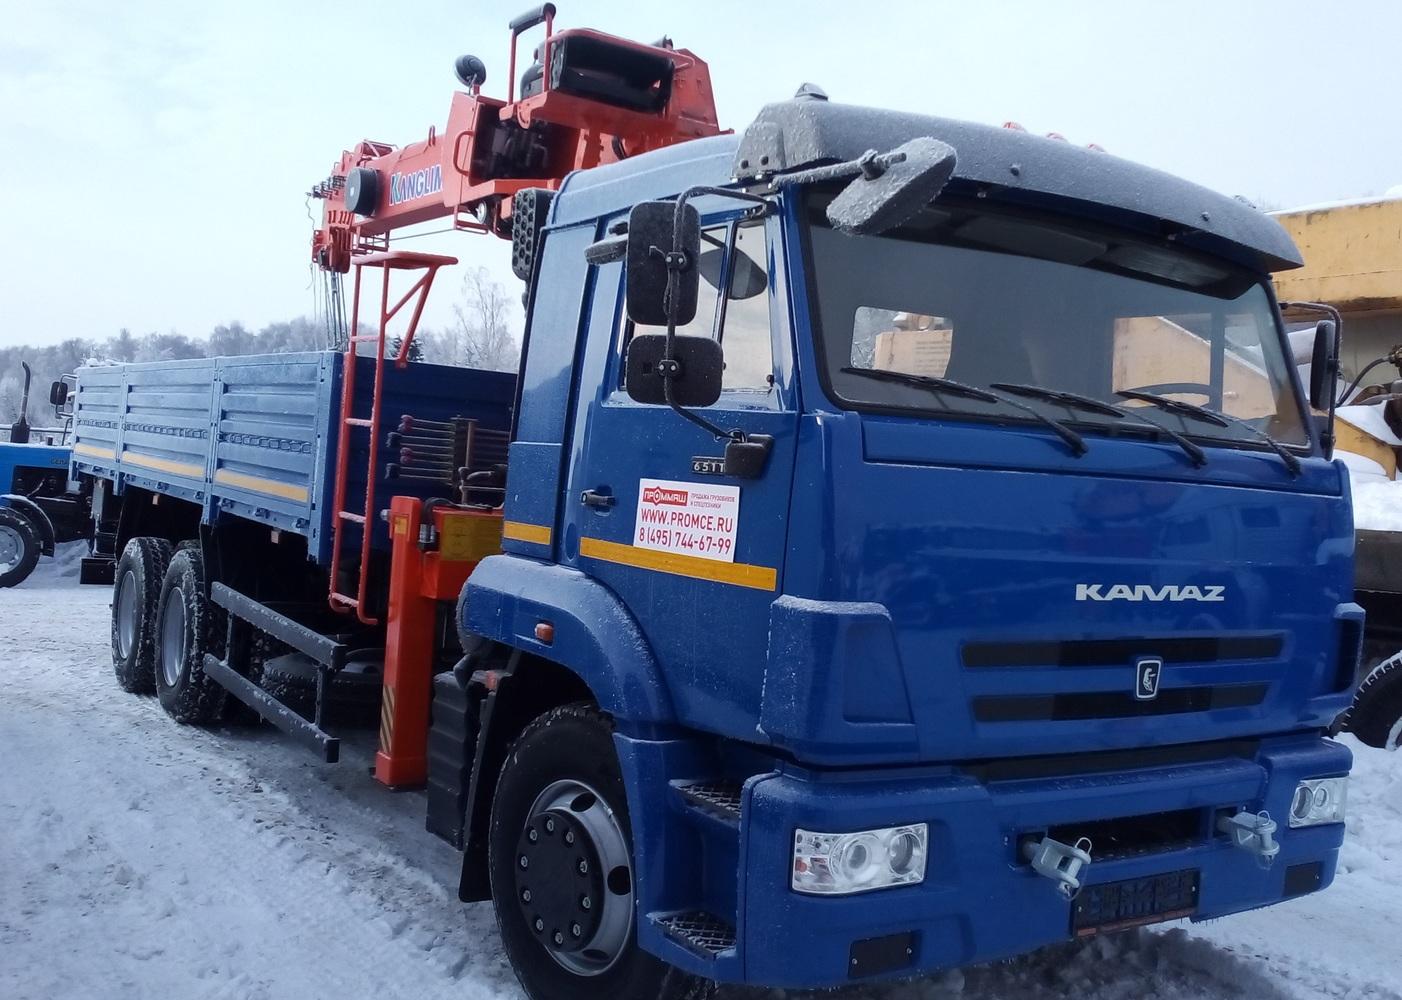 КМУ Kanglim KS1256G-II на шасси Камаз 65117